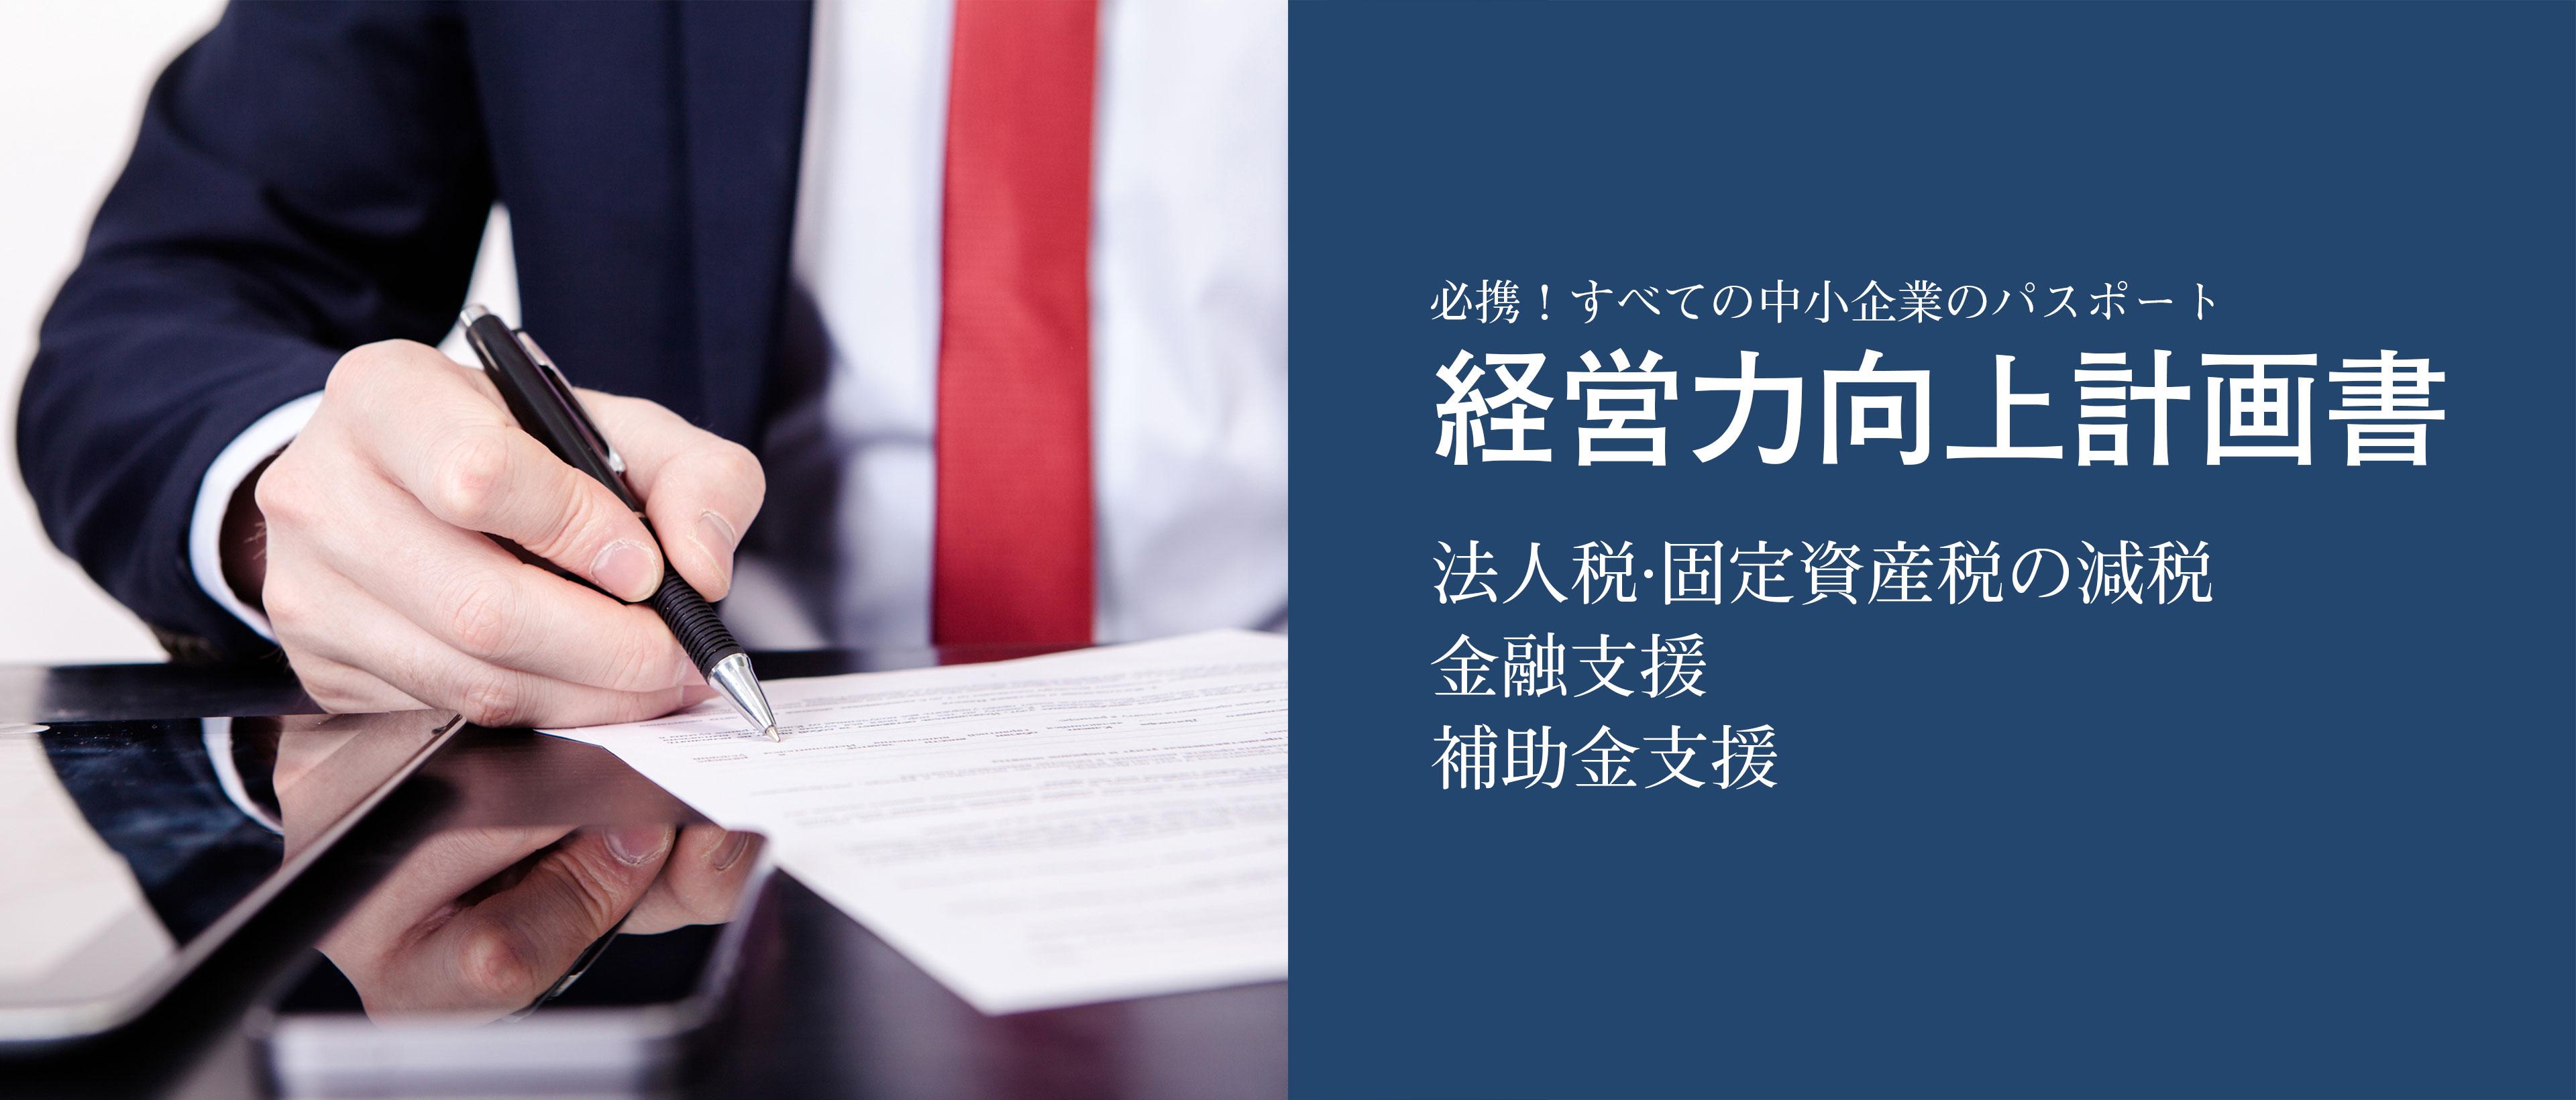 必携!すべての中小企業のパスポート。経営力向上計画書。法人税・固定資産税の減税、金融支援、補助金支援